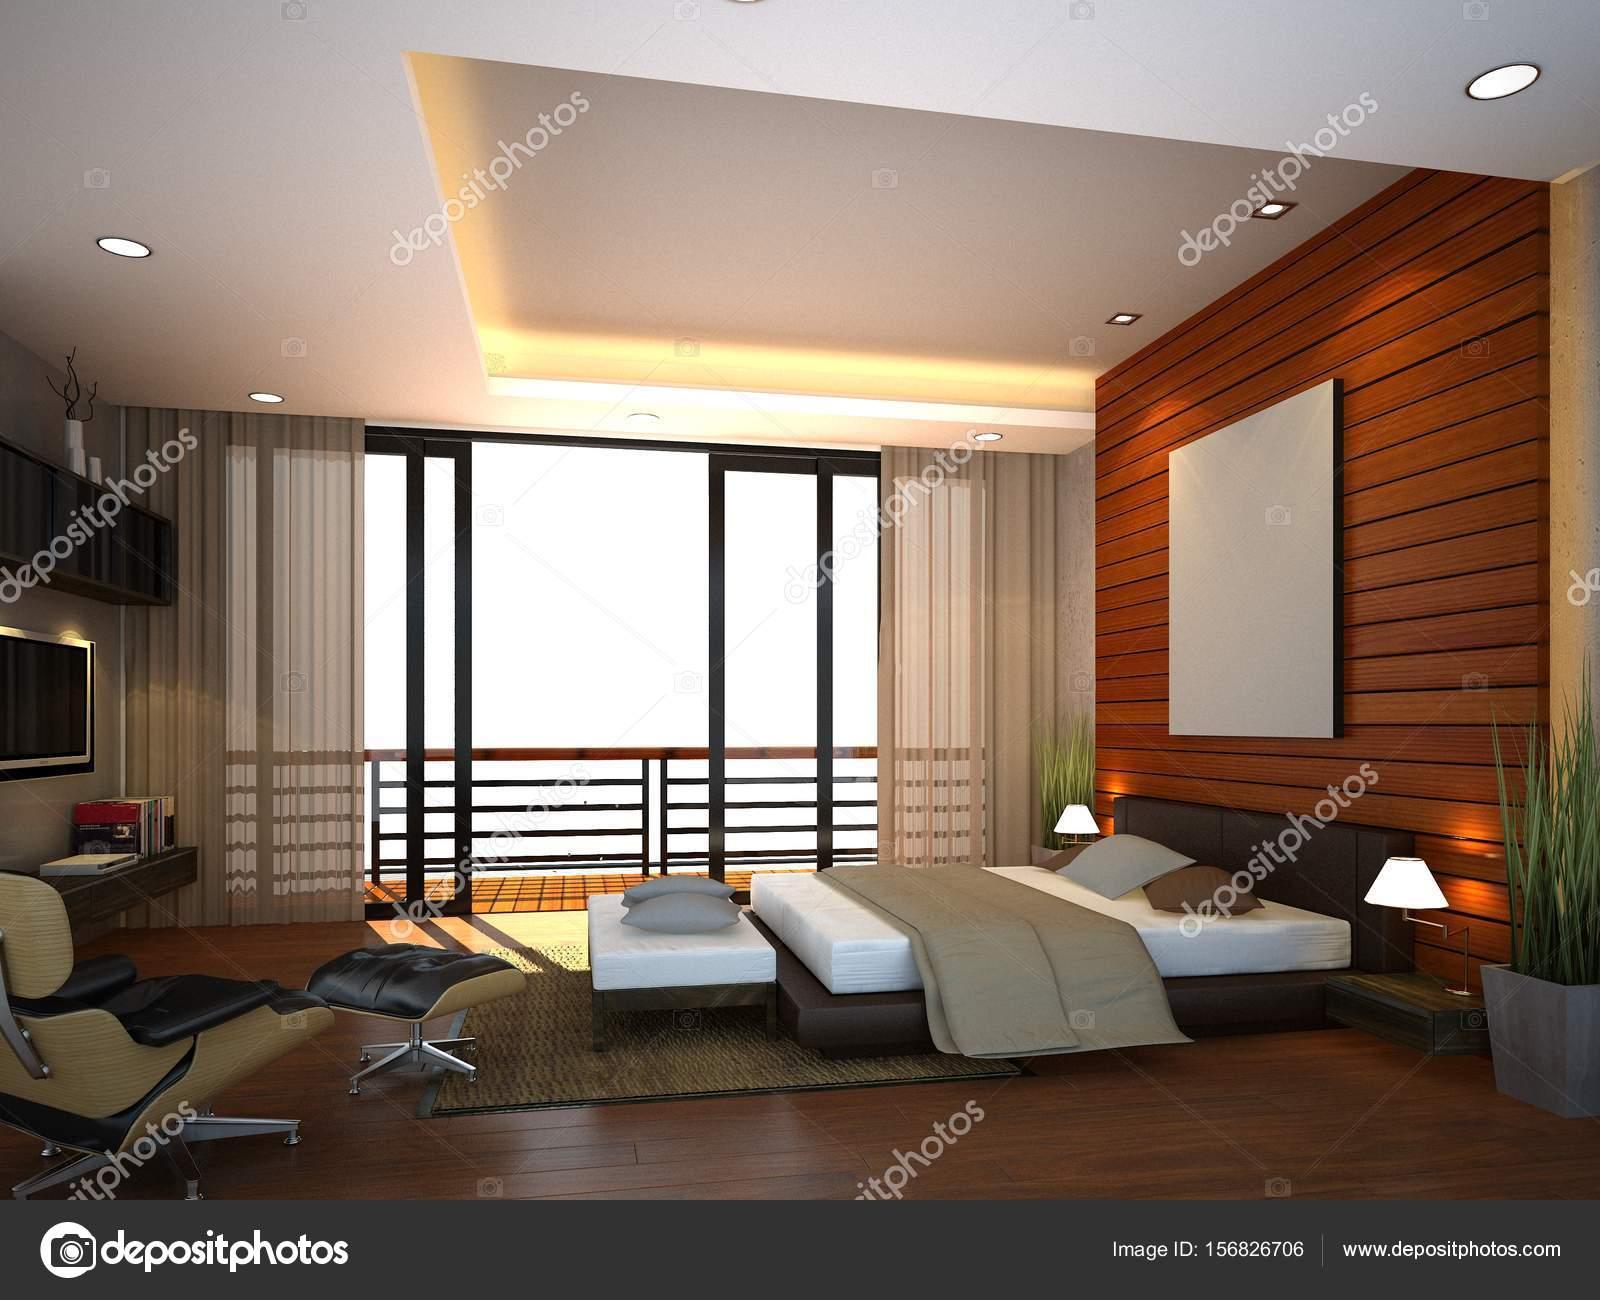 abstracte schets ontwerp van interieur slaapkamer 3d rendering foto van yaryhee